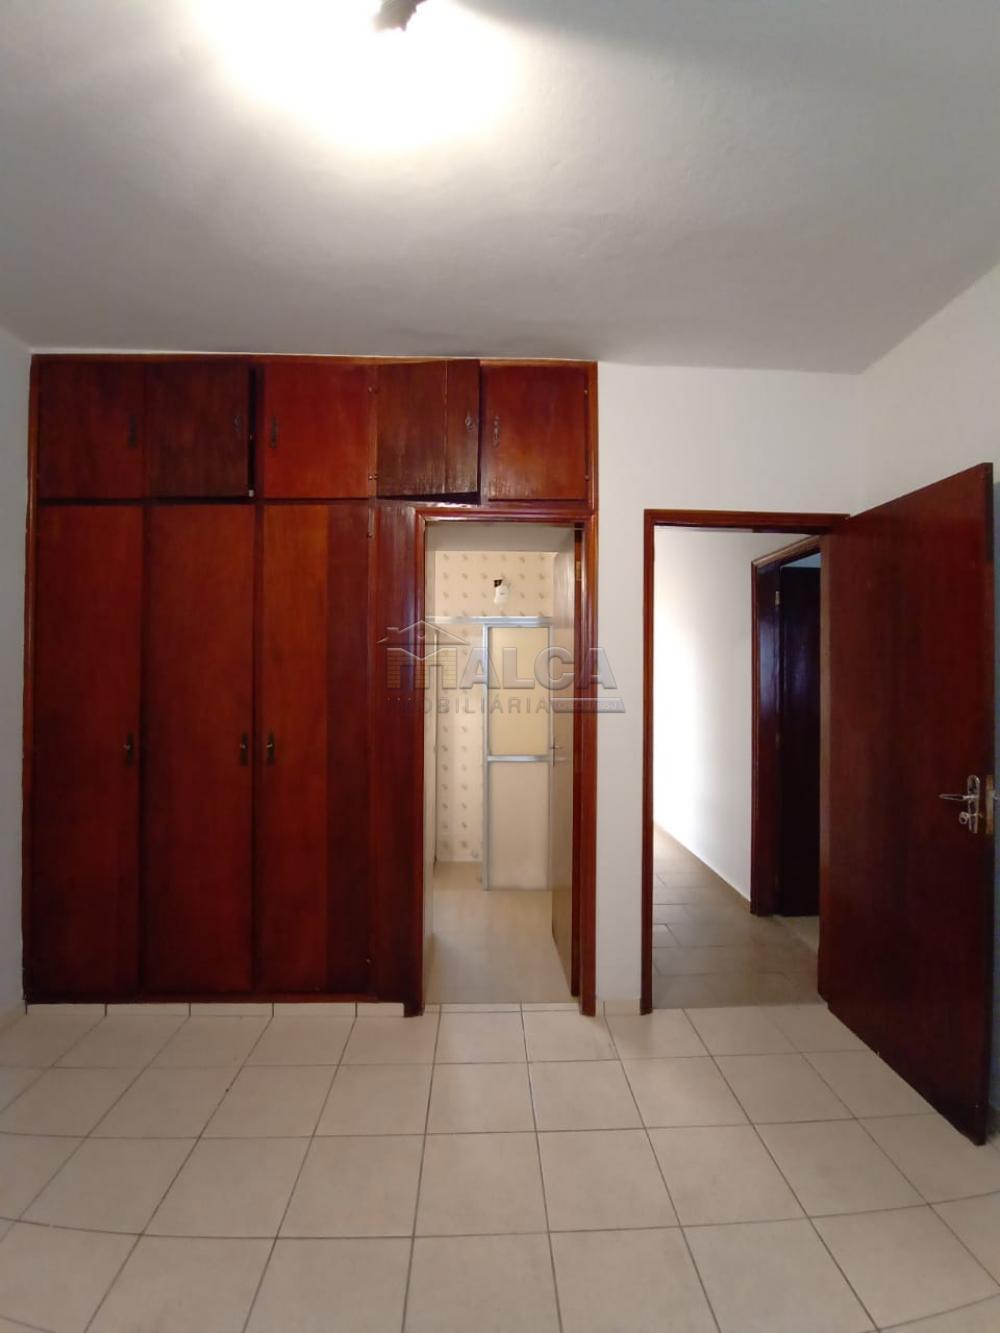 Alugar Casas / Padrão em São José do Rio Pardo apenas R$ 1.500,00 - Foto 15